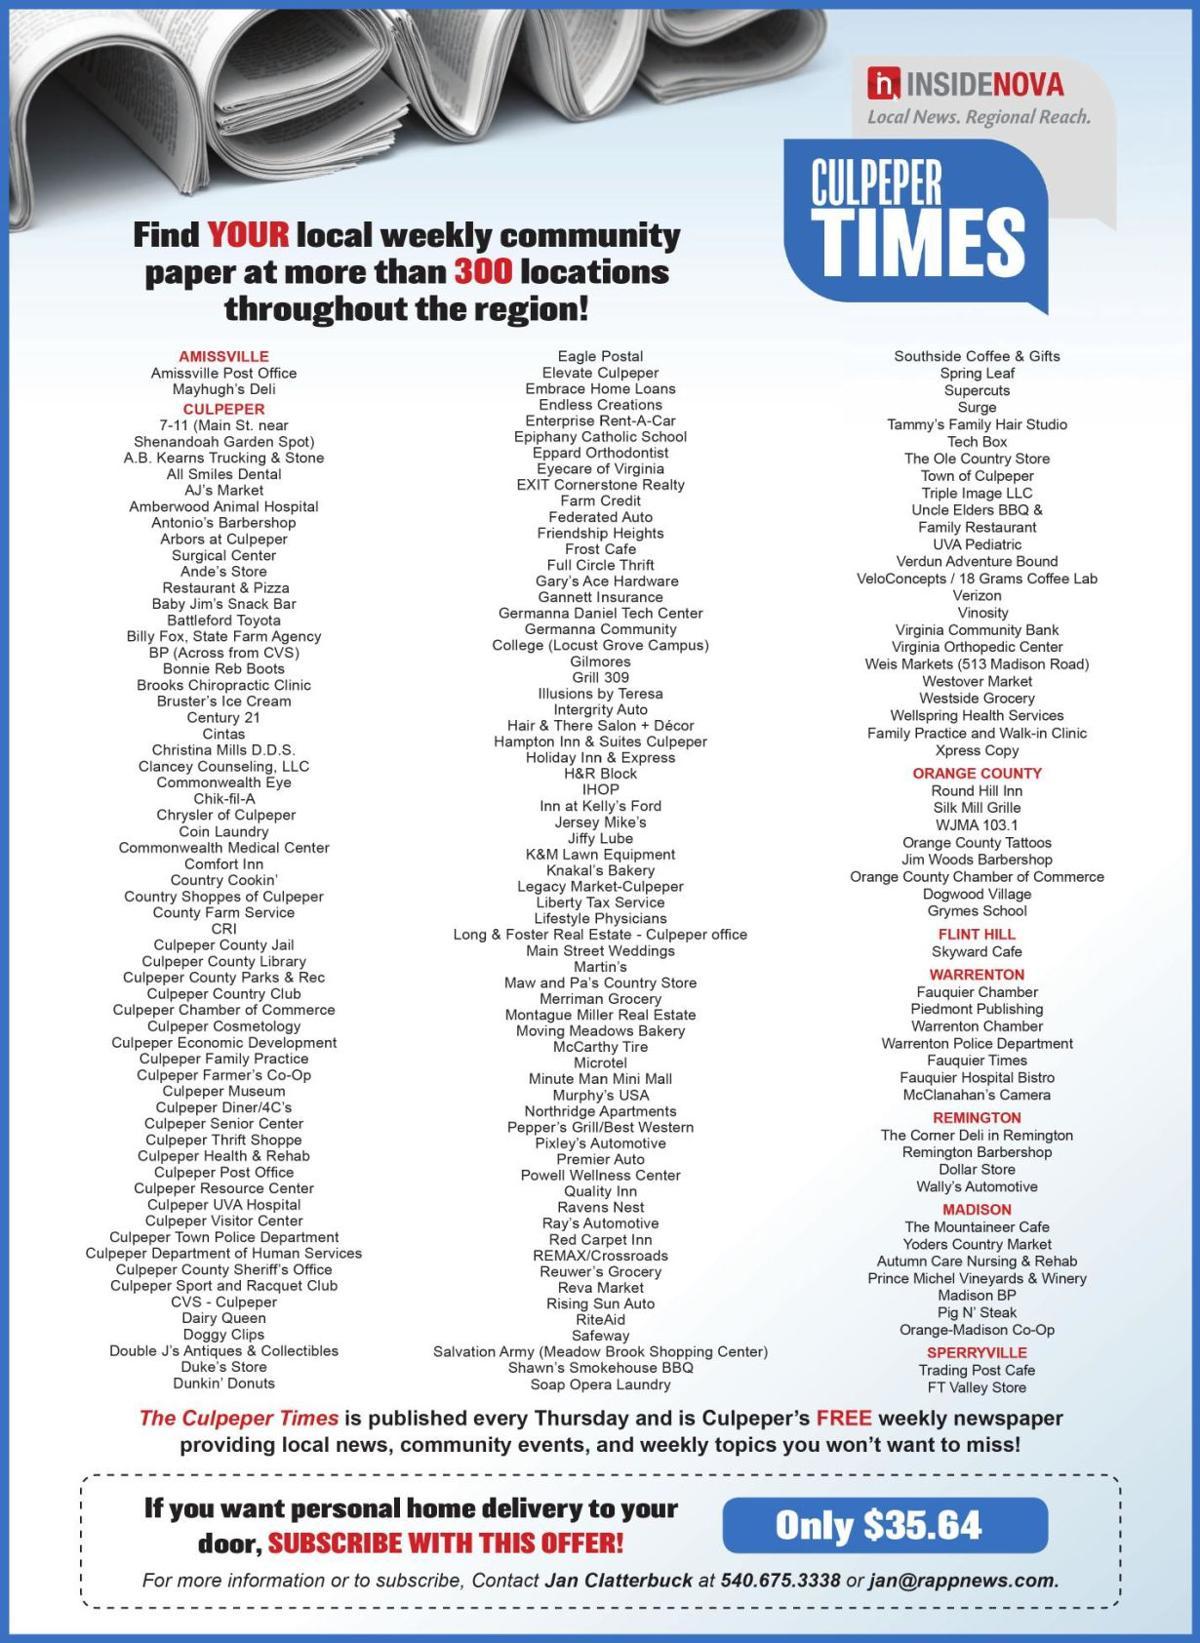 Culpeper Times: Find a Paper